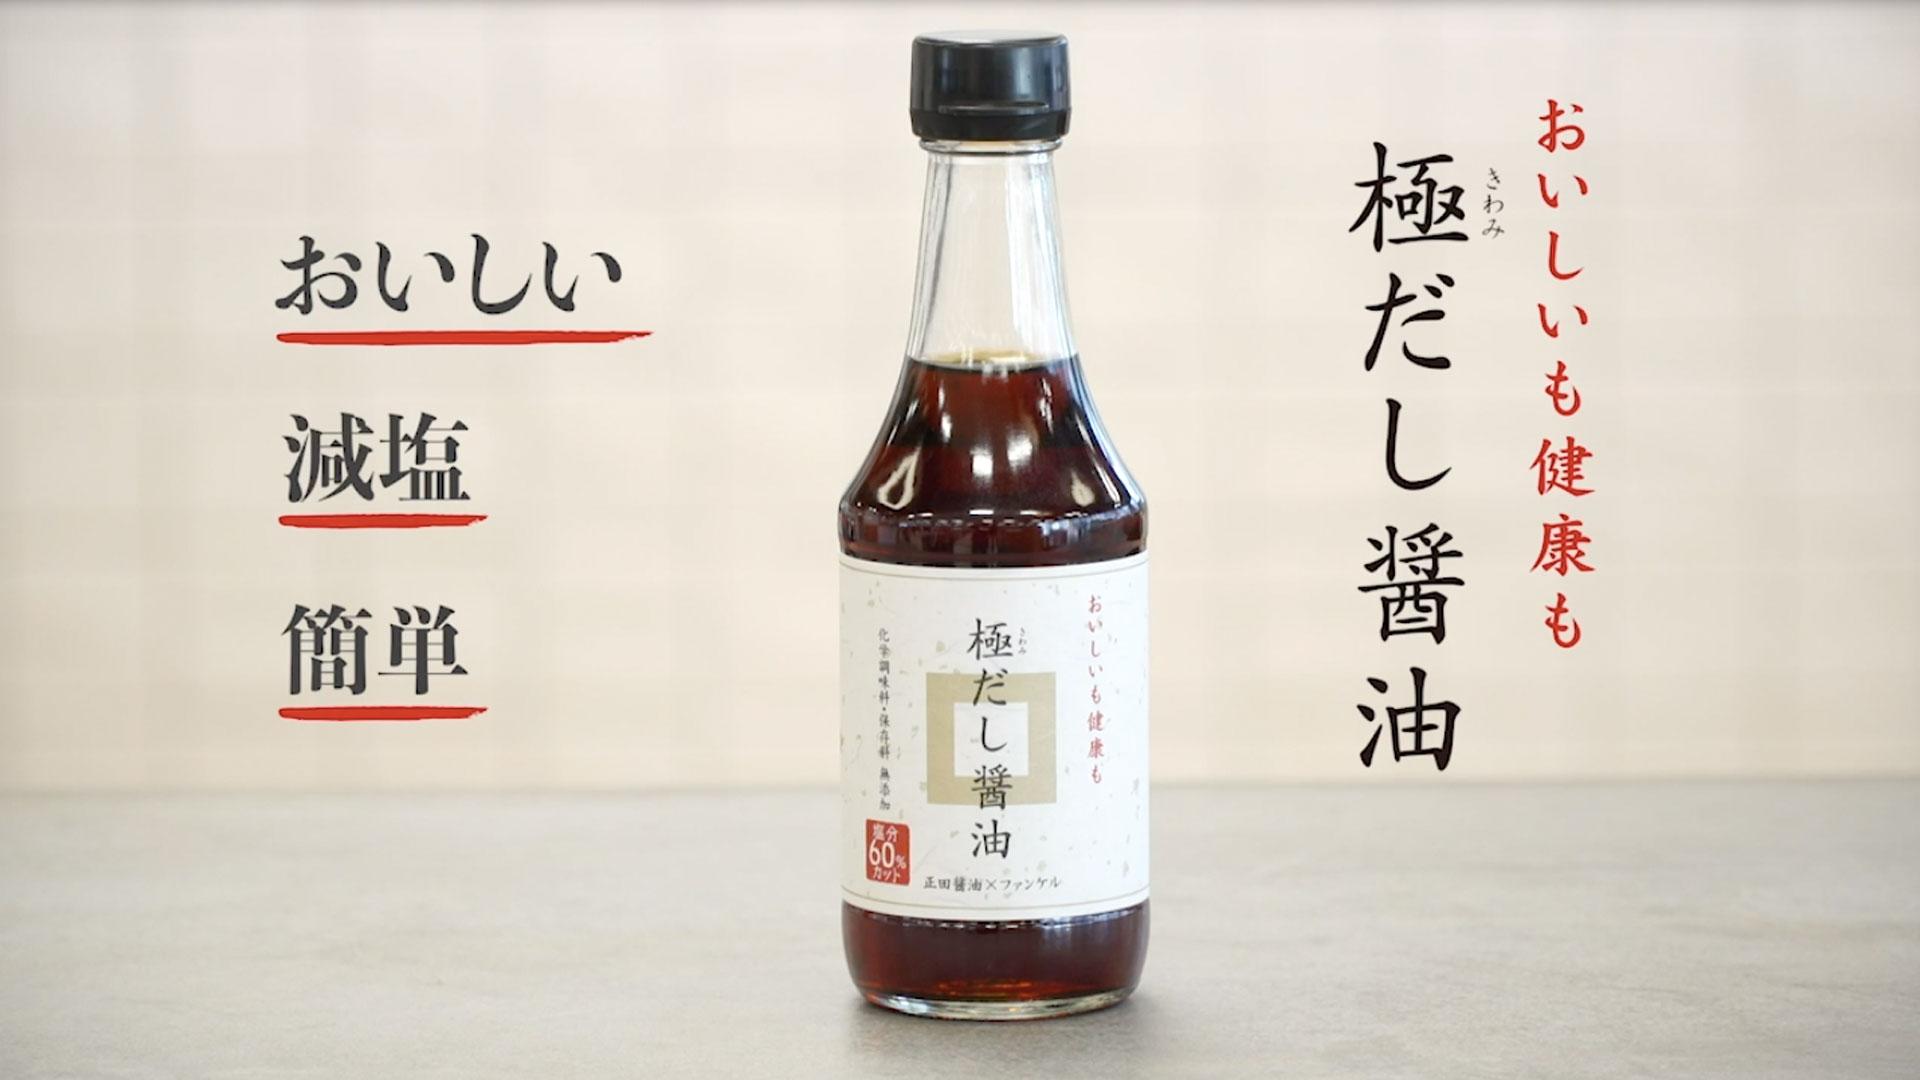 ファンケルが、おいしく・簡単に減塩できる「極みだし醤油」を新発売